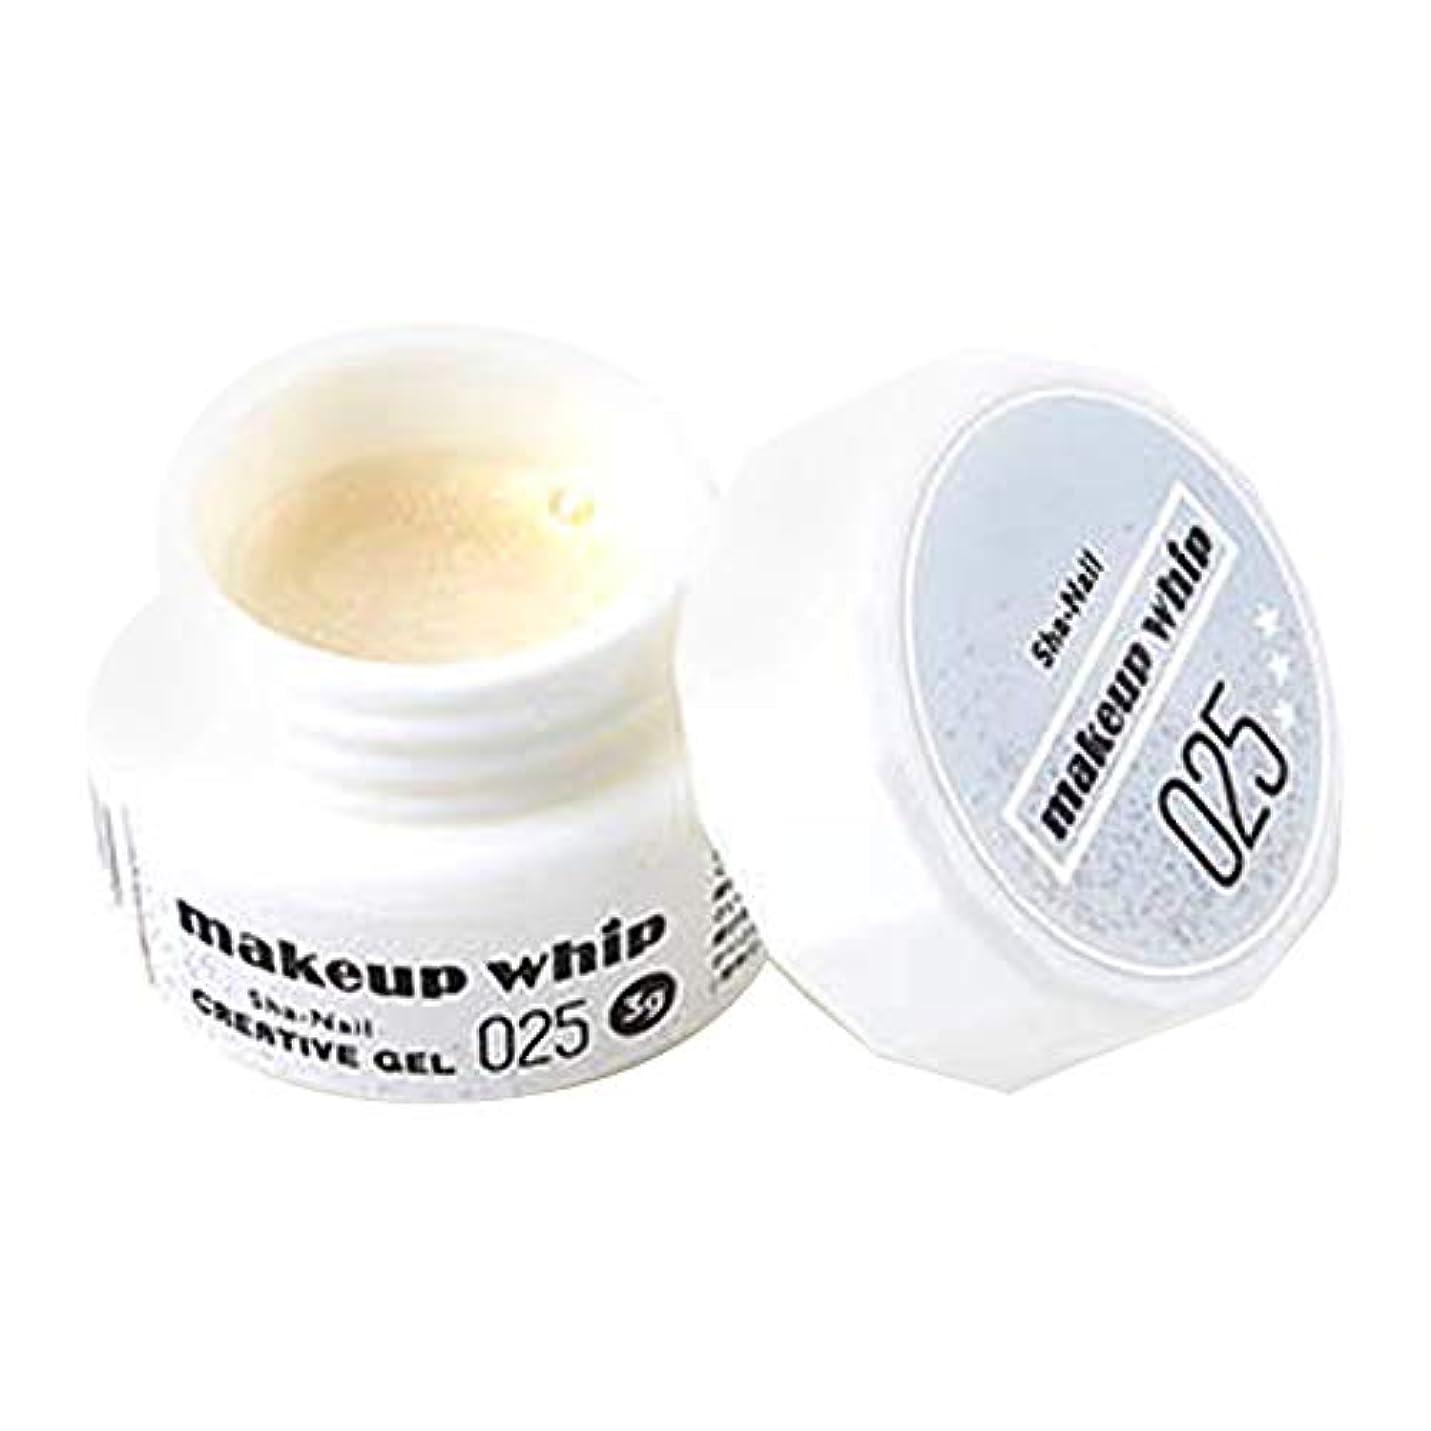 予防接種する分岐する切るSha-Nail Creative Gel メイクアップホイップカラー 025 グリッター 3g UV/LED対応